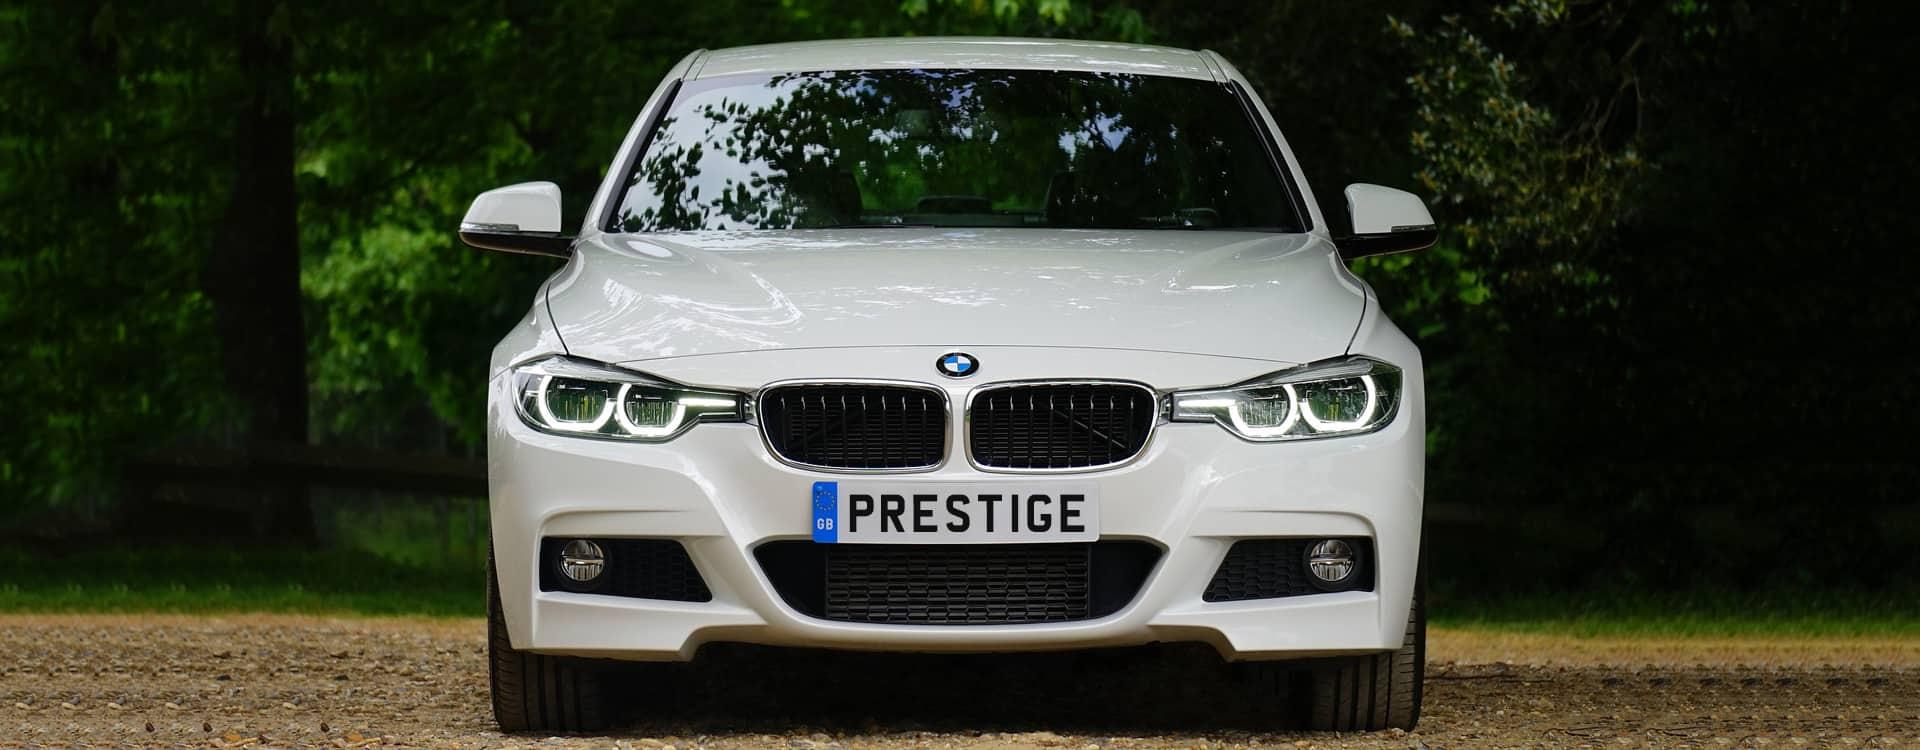 White BMW 5 Series White